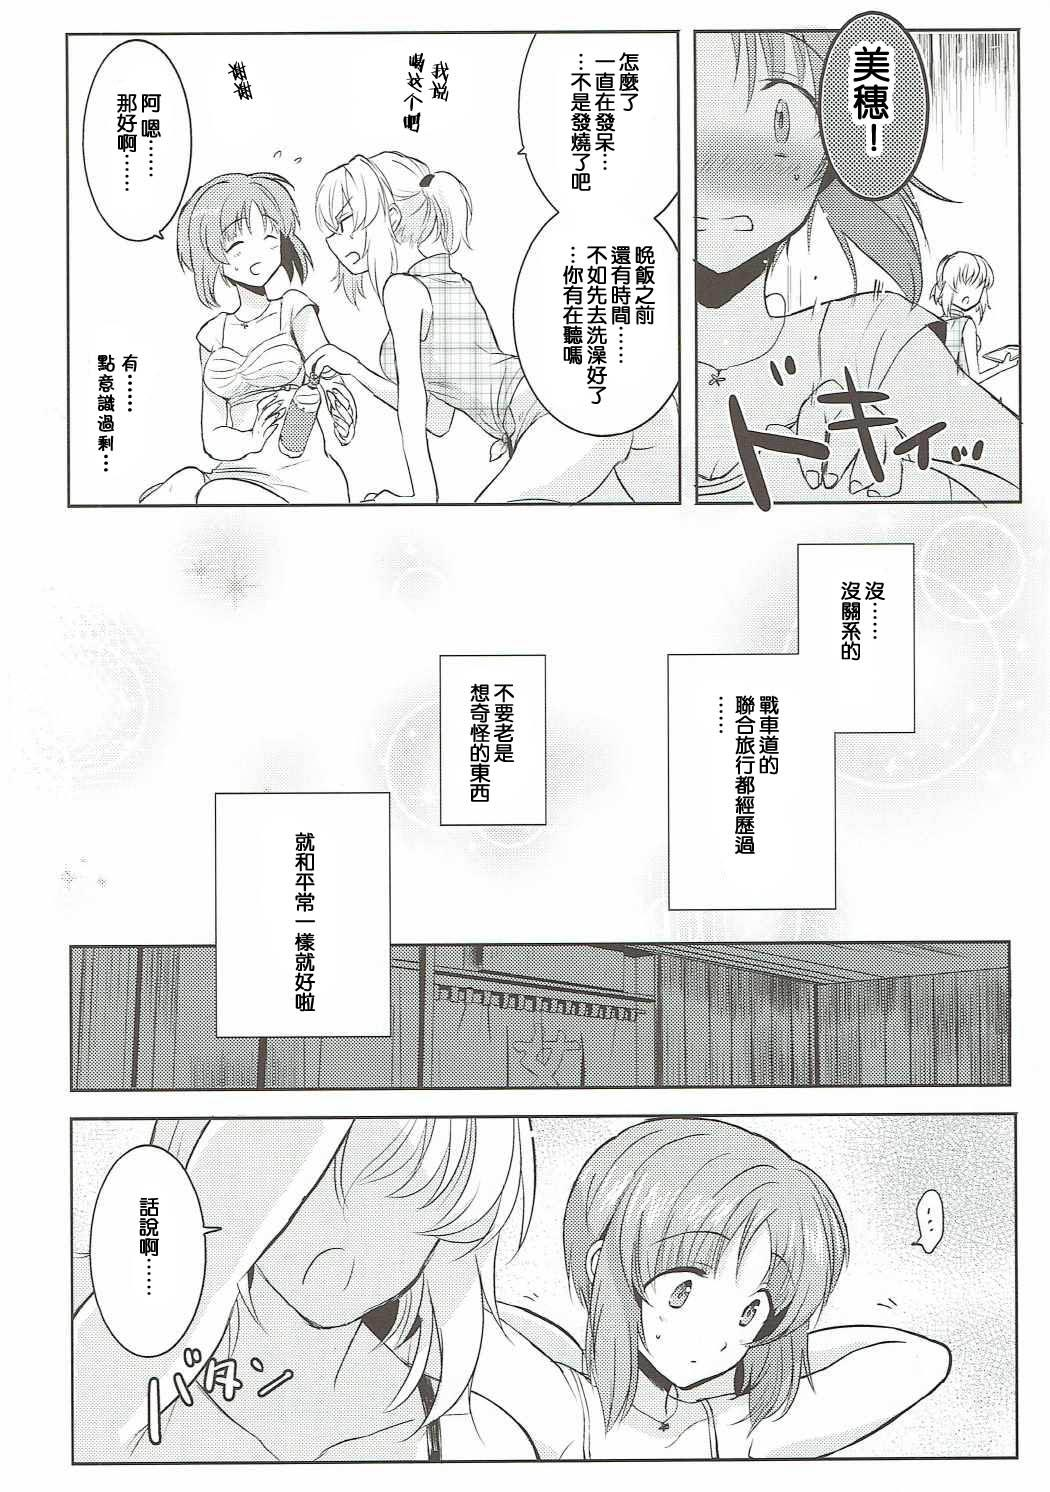 Futarikiri no Natsu 7